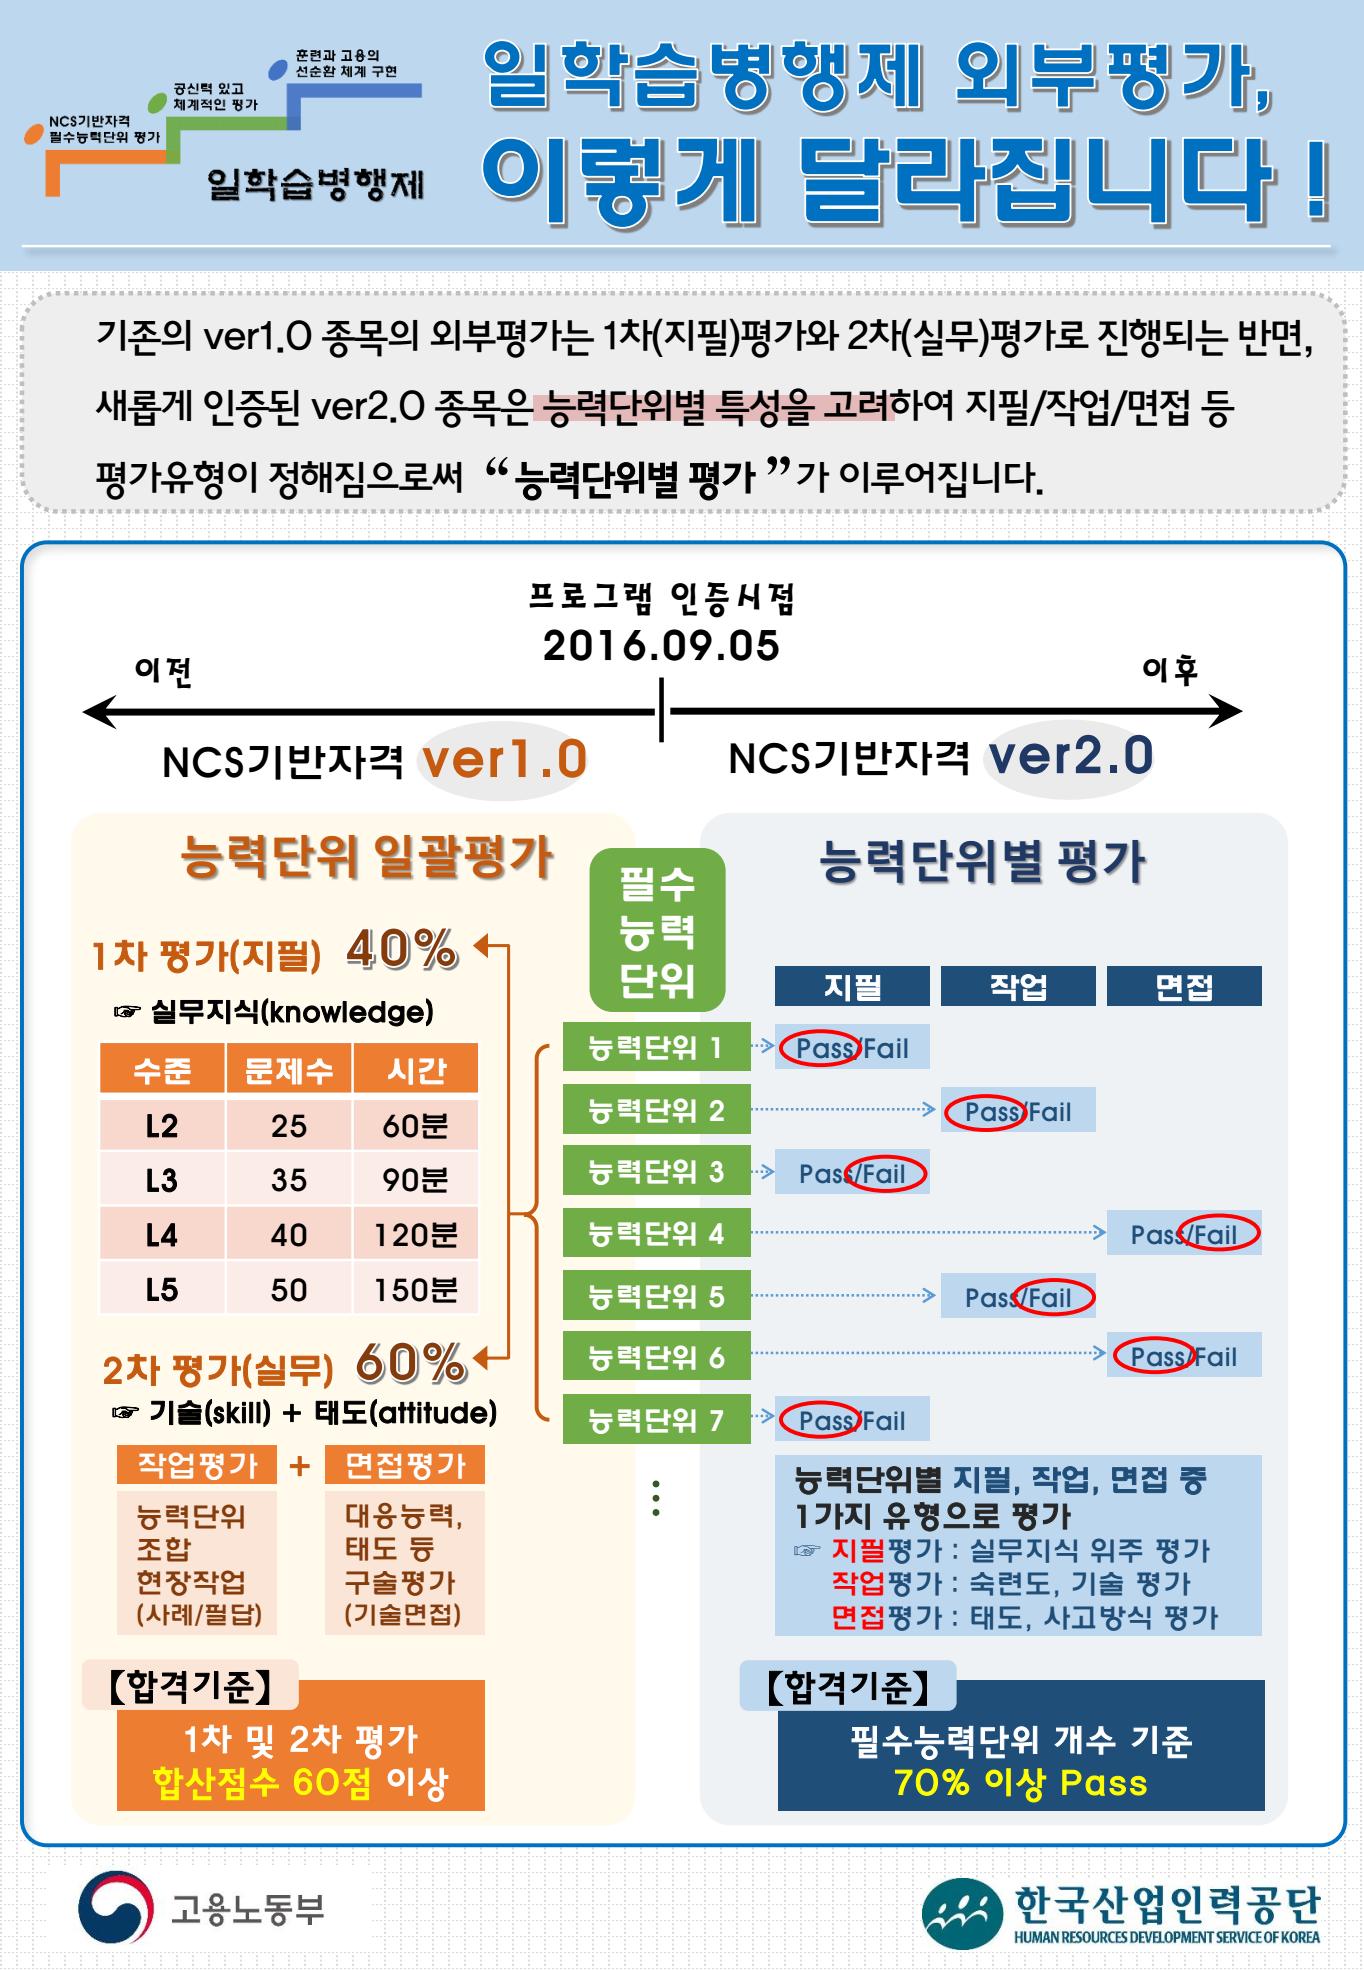 일학습병행제 외부평가 방법 변경(ver2.0 종목).png